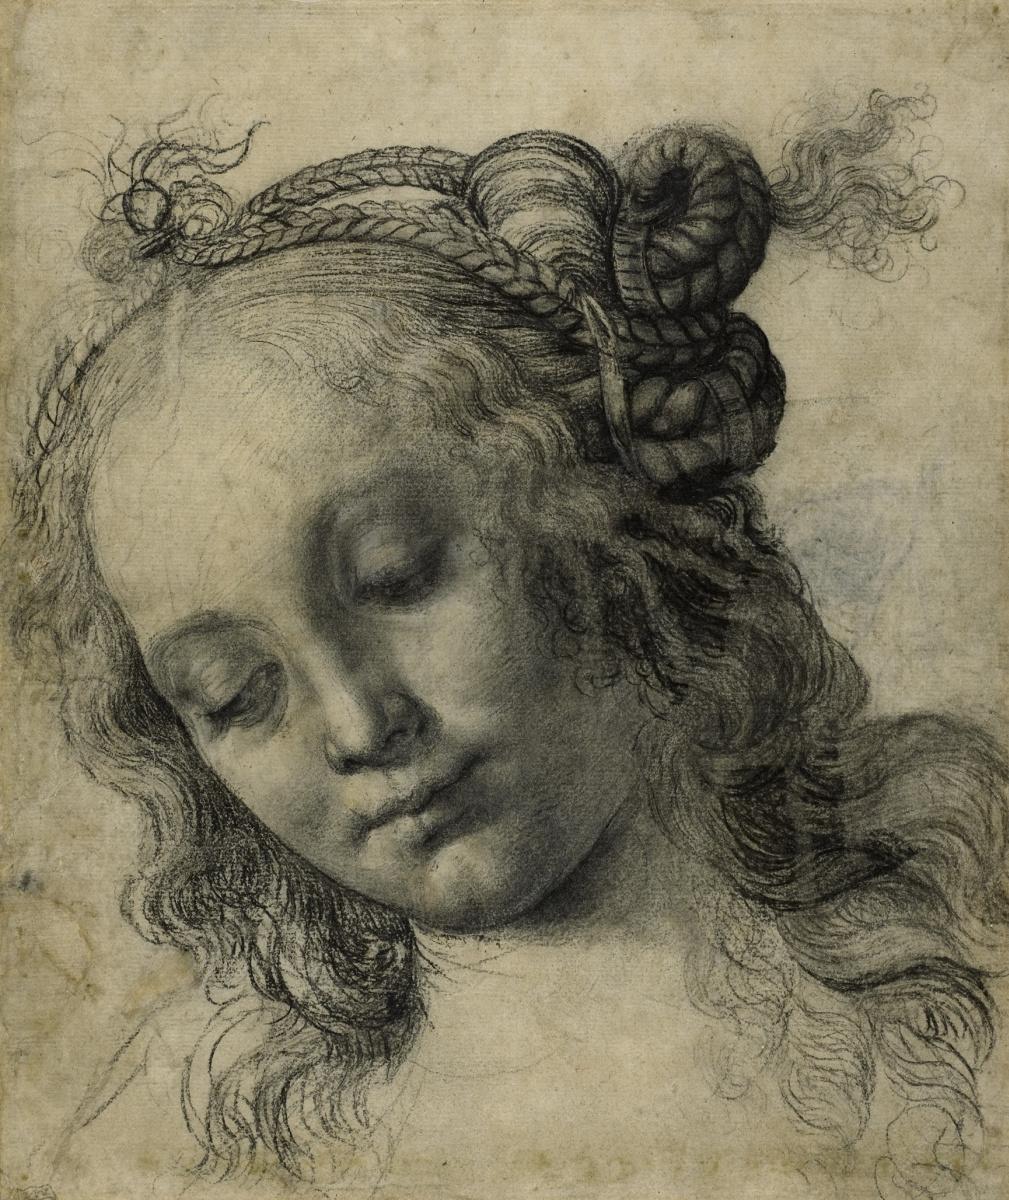 Andrea del Verrocchio. The head of a girl. Sketch